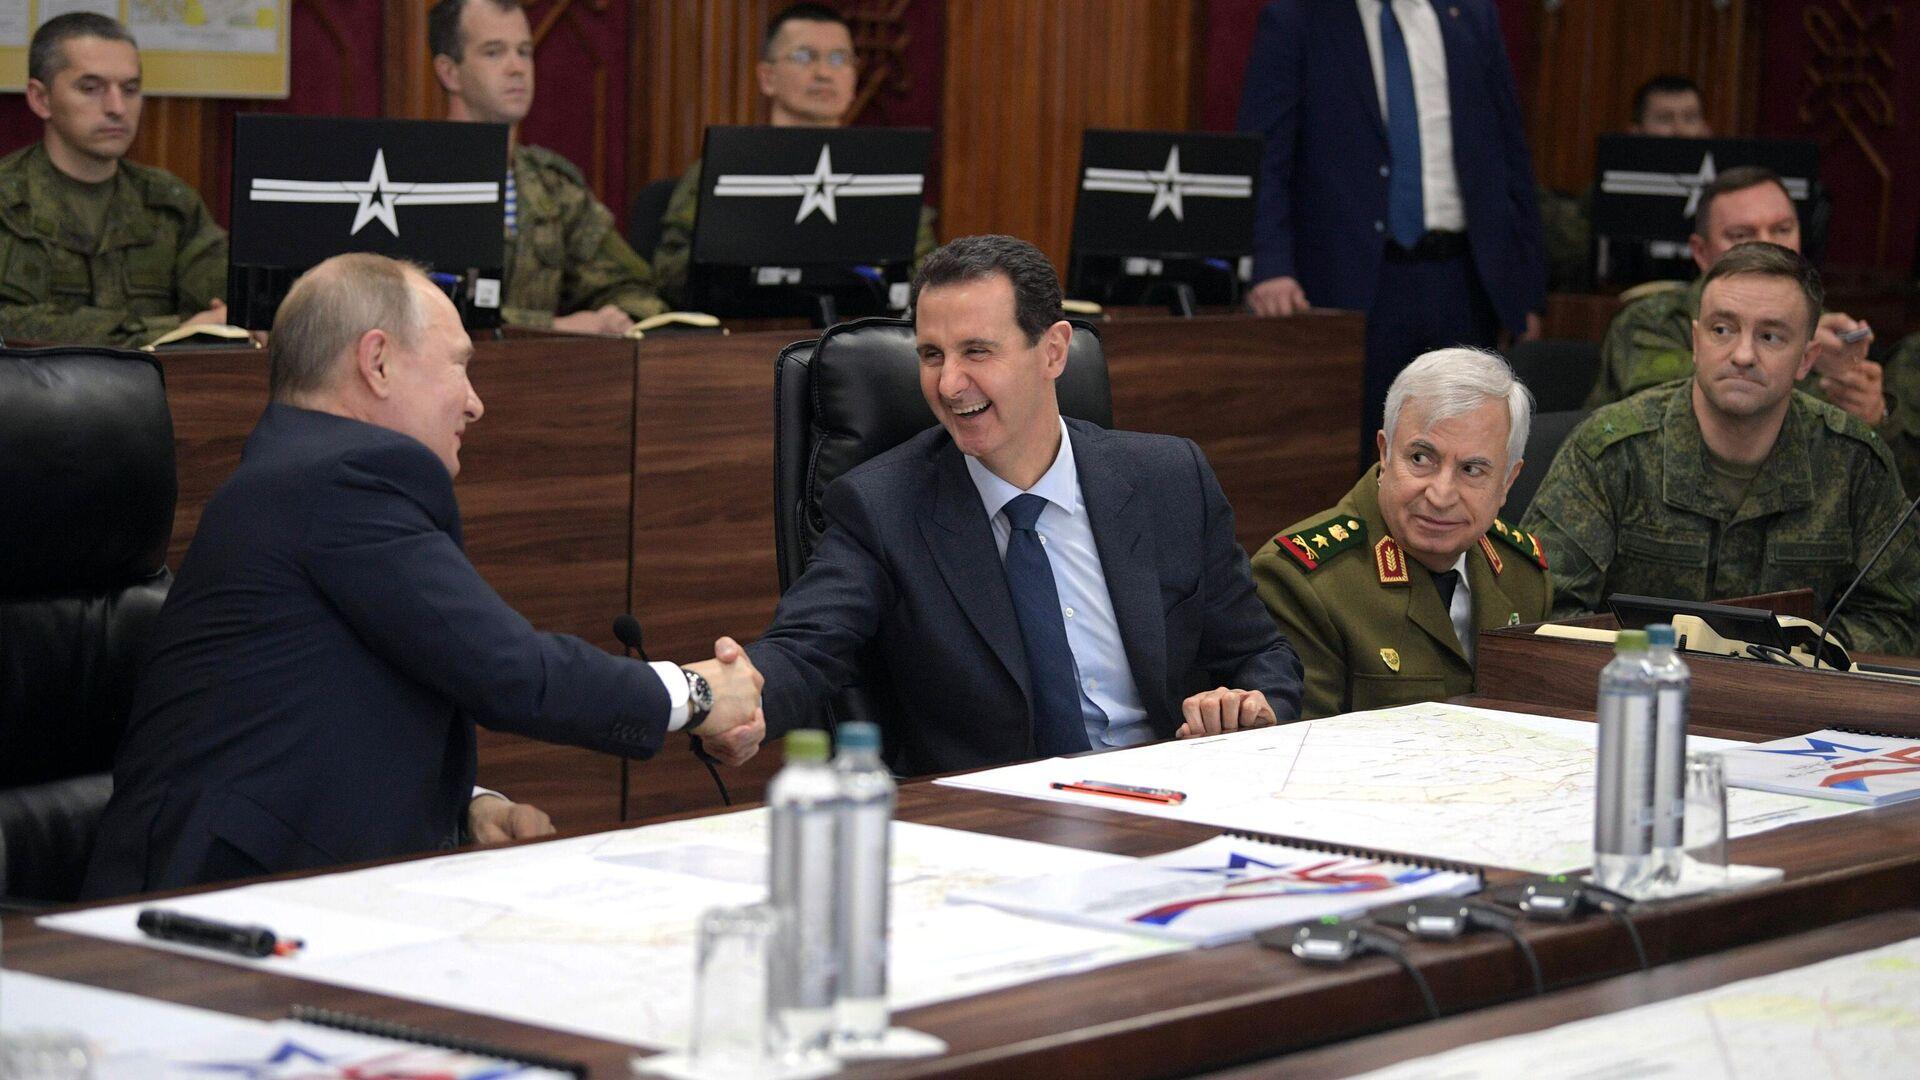 Президент РФ Владимир Путин и президент Сирии Башар Асад во время встречи в командном пункте группировки Вооруженных Сил России в Сирии - РИА Новости, 1920, 07.01.2021